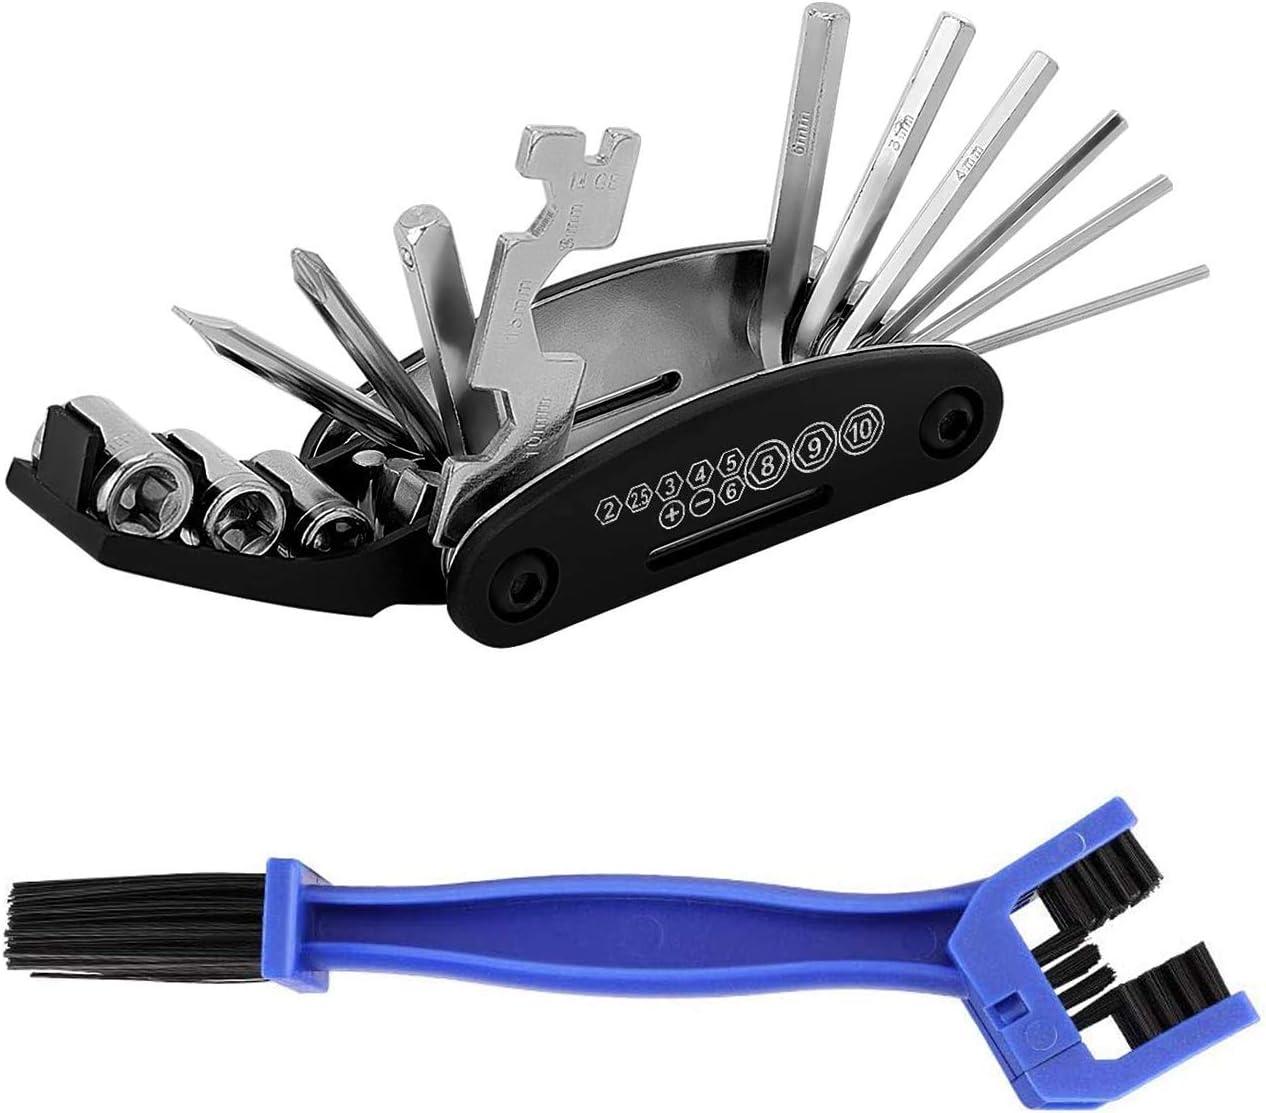 Outil Multifonction velo 16 en 1 pour VTT outils multi-usage//tournevis /à t/ête hexagonale Cl/é /à lint/érieur et /à lext/érieur//Combinaison /équipement d Tournevis Poche avec Brosse /à Cha/îne